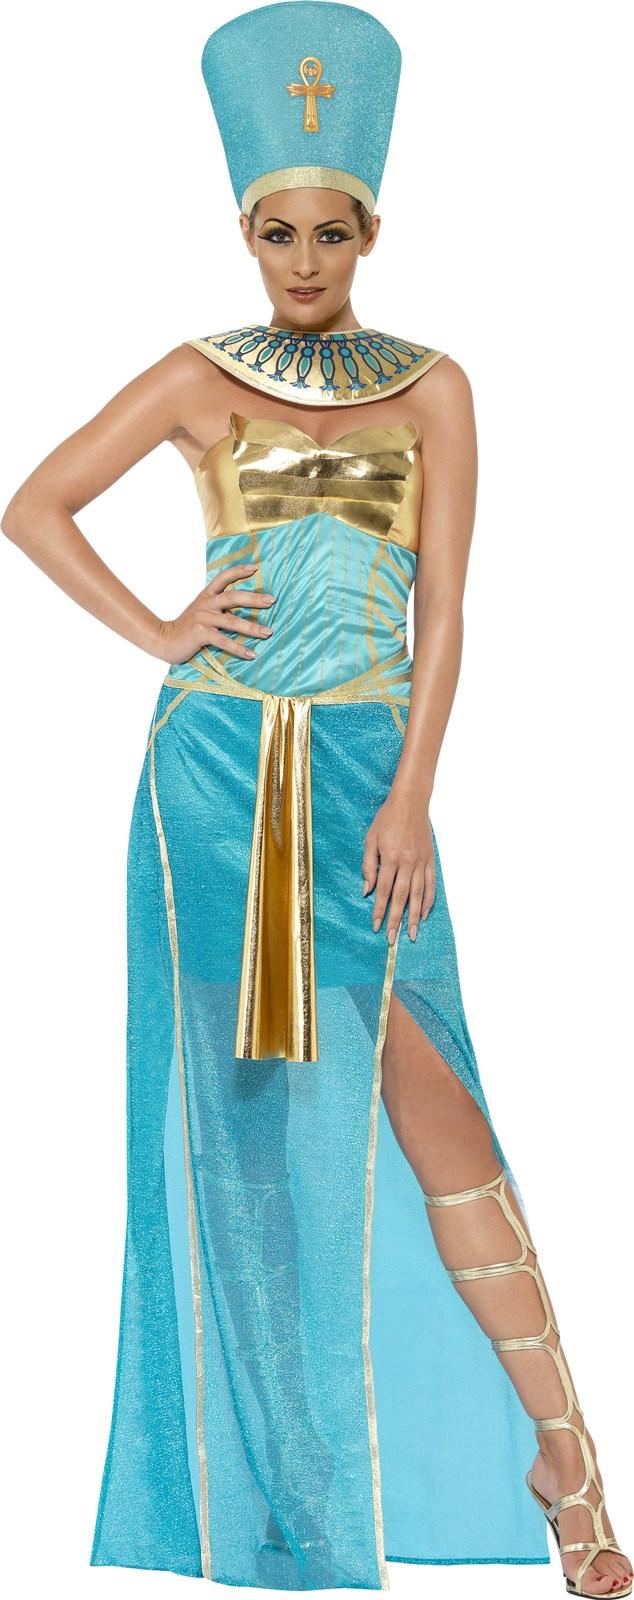 Goddess Nefertiti Costume For Women | BuyCostumes.com